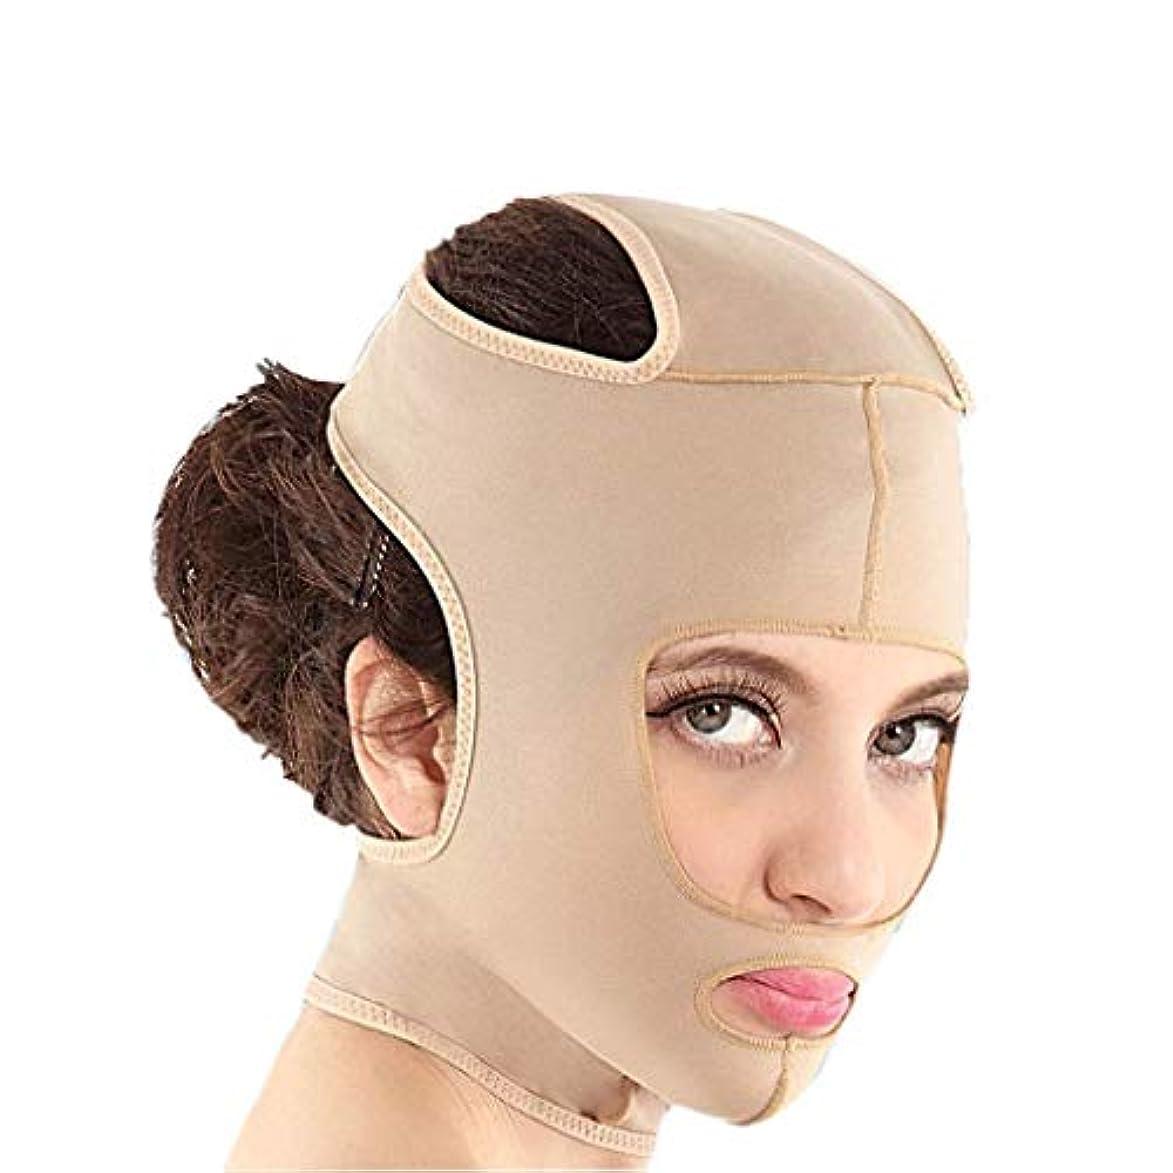 家主会うコカインフェイスリフティングマスク、リフティングスキンリンクルシンダブルチンシンフェイスバンデージ改善して肌のたるみ(サイズ:L)